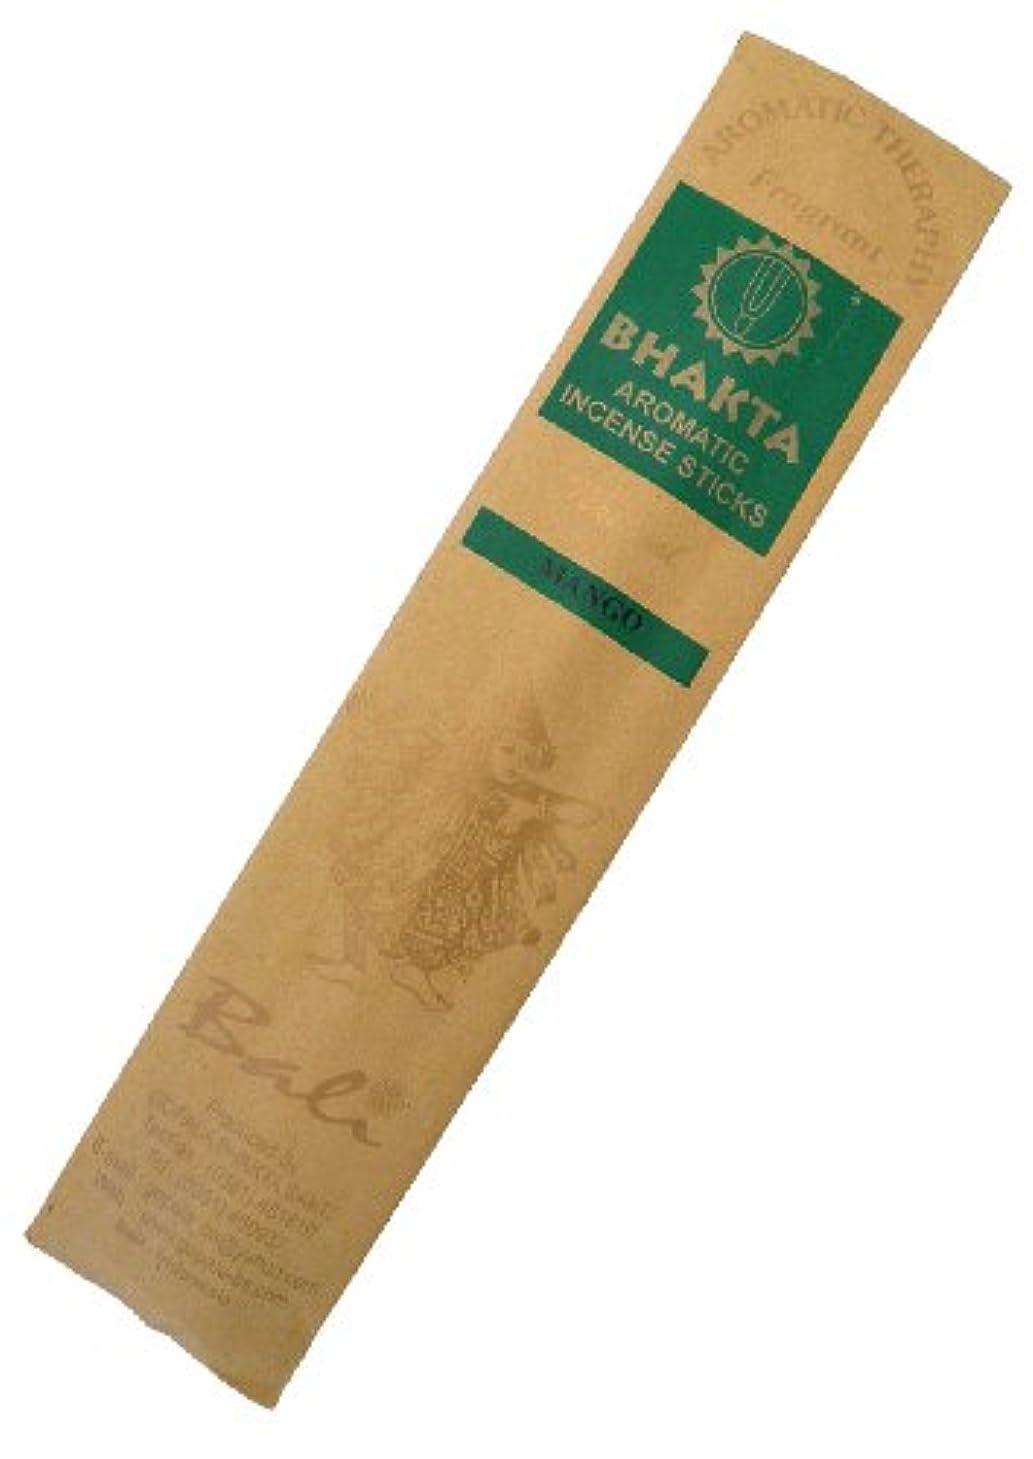 百蜂かなりお香 BHAKTA ナチュラル スティック 香(マンゴー)ロングタイプ インセンス[アロマセラピー 癒し リラックス 雰囲気作り]インドネシア?バリ島のお香